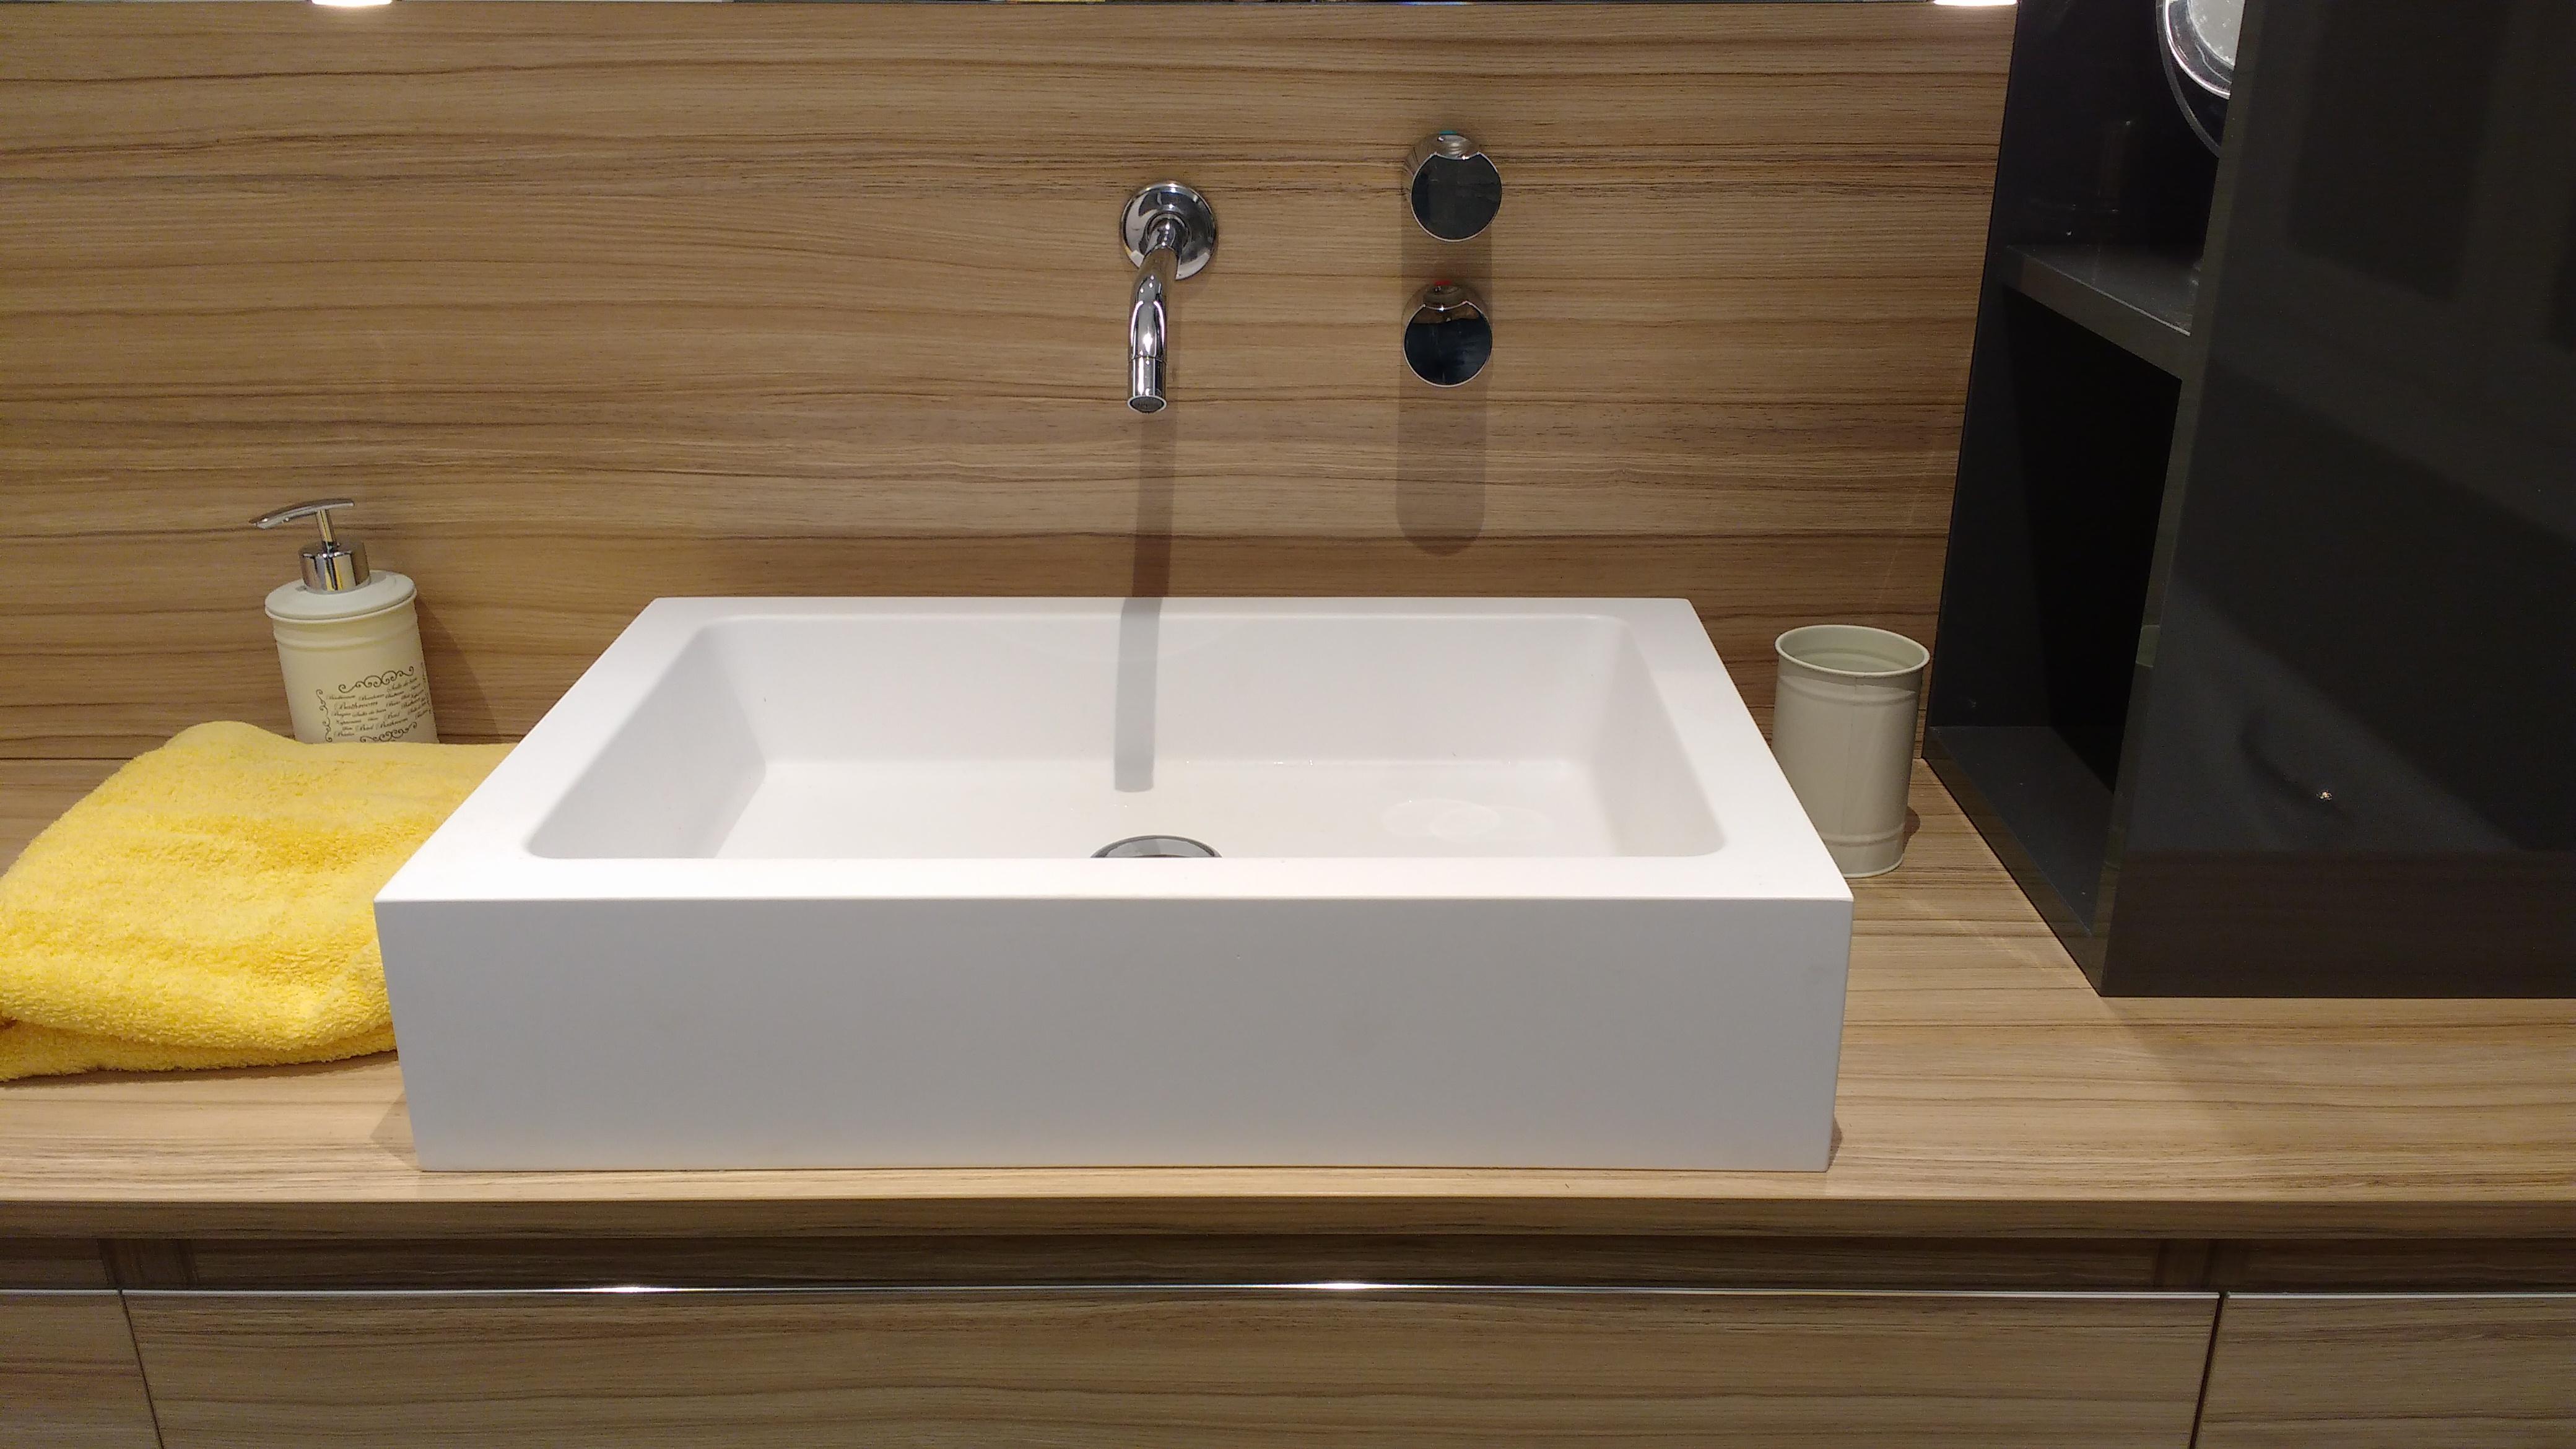 Detalle del lavabo y grifo